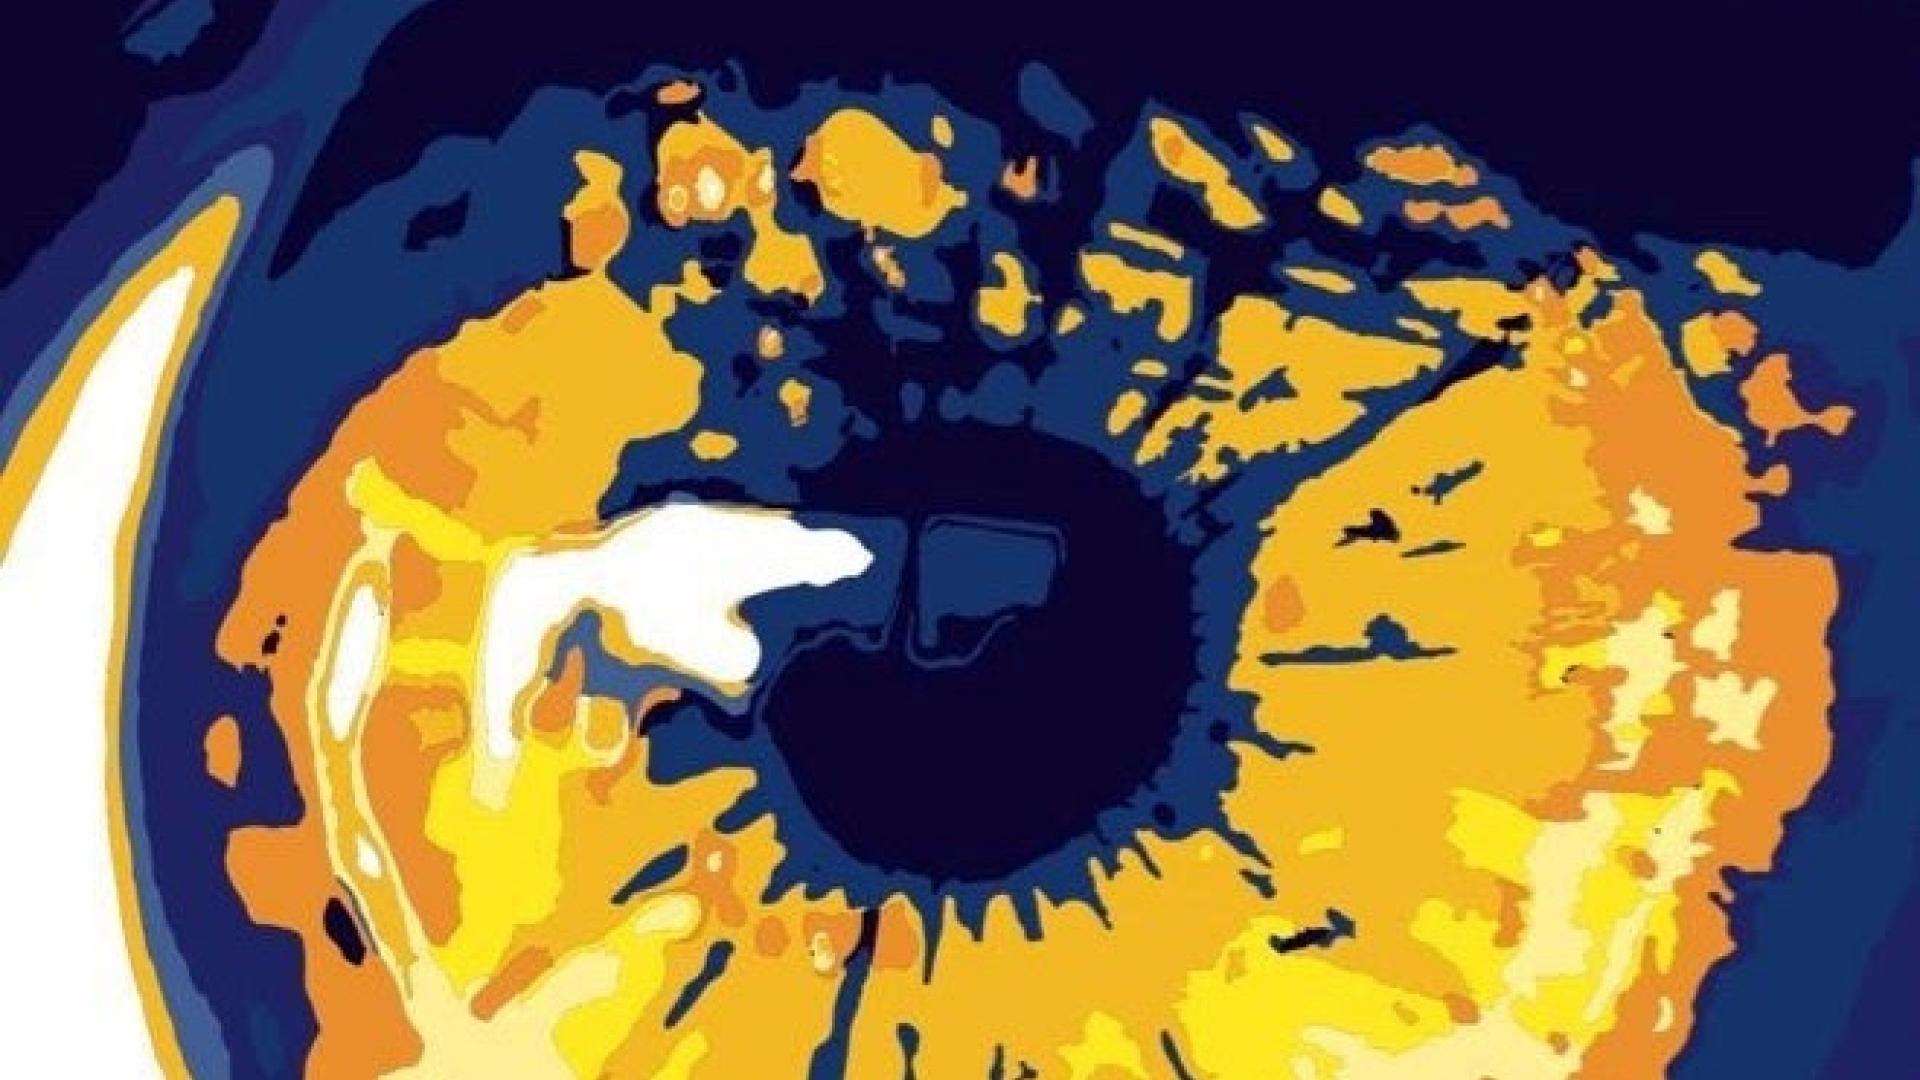 Започва национална безплатна скринингова кампания за очни заболявания